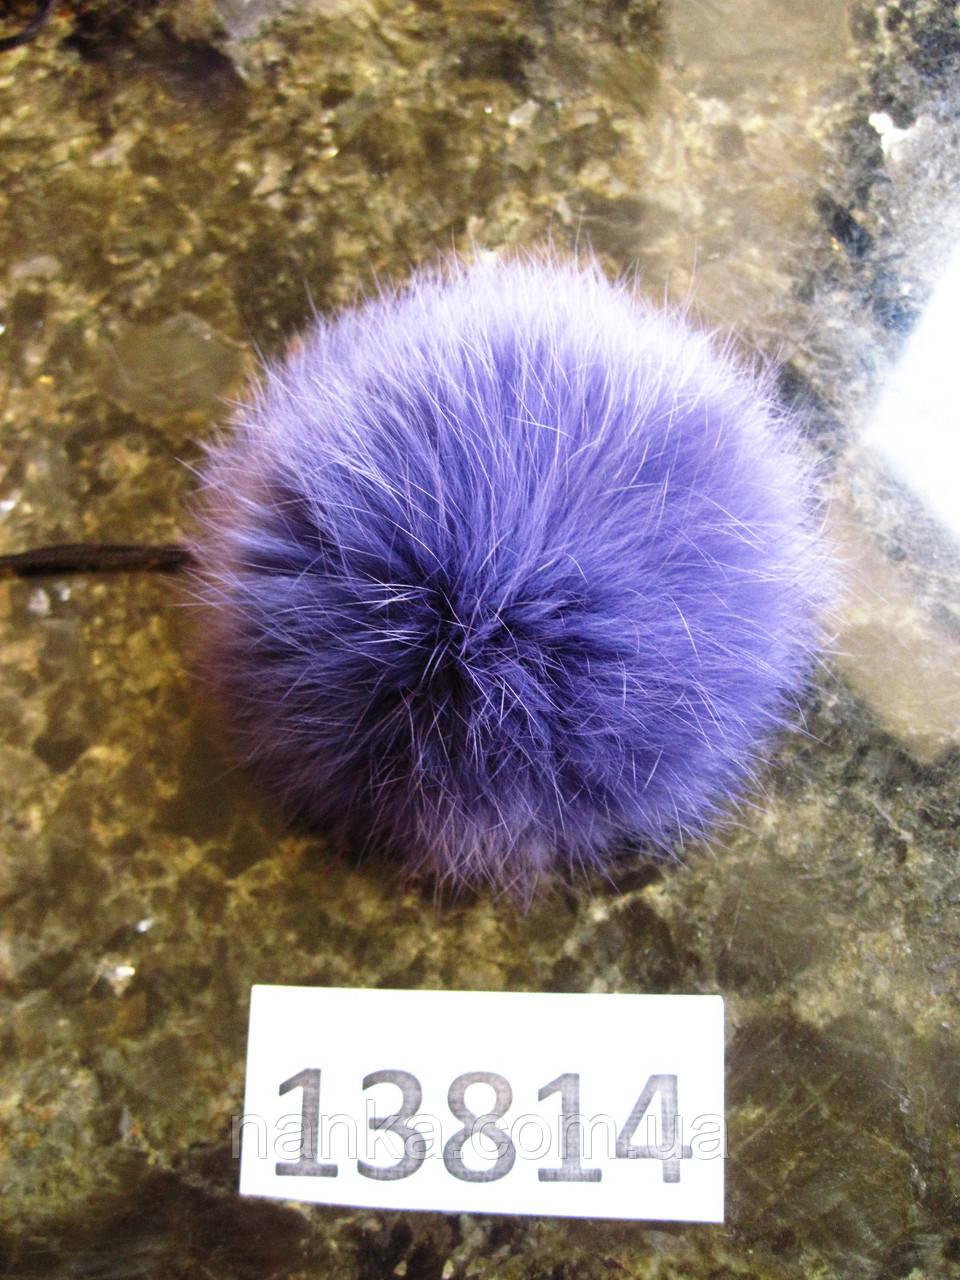 Меховой помпон Кролик, Фиолет, 9 см, 13814